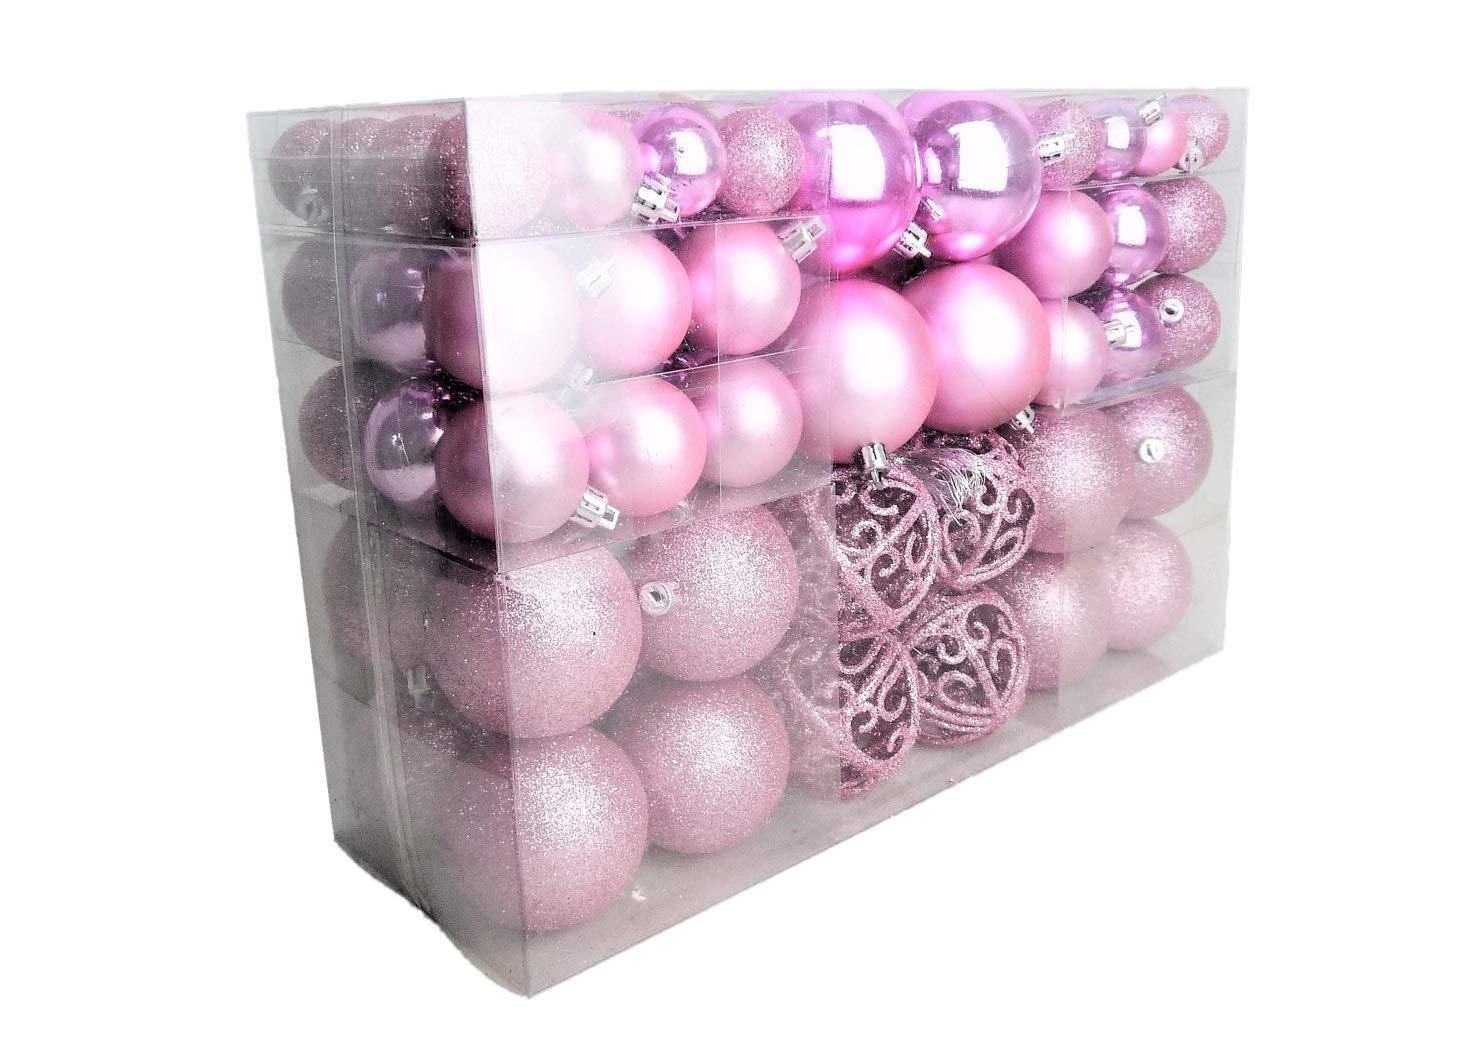 100-Weihnachtskugel-Rosa-glnzend-glitzernd-matt-Christbaumschmuck-bis–6-cm-Baumschmuck-Weihnachten-Deko-Anhnger